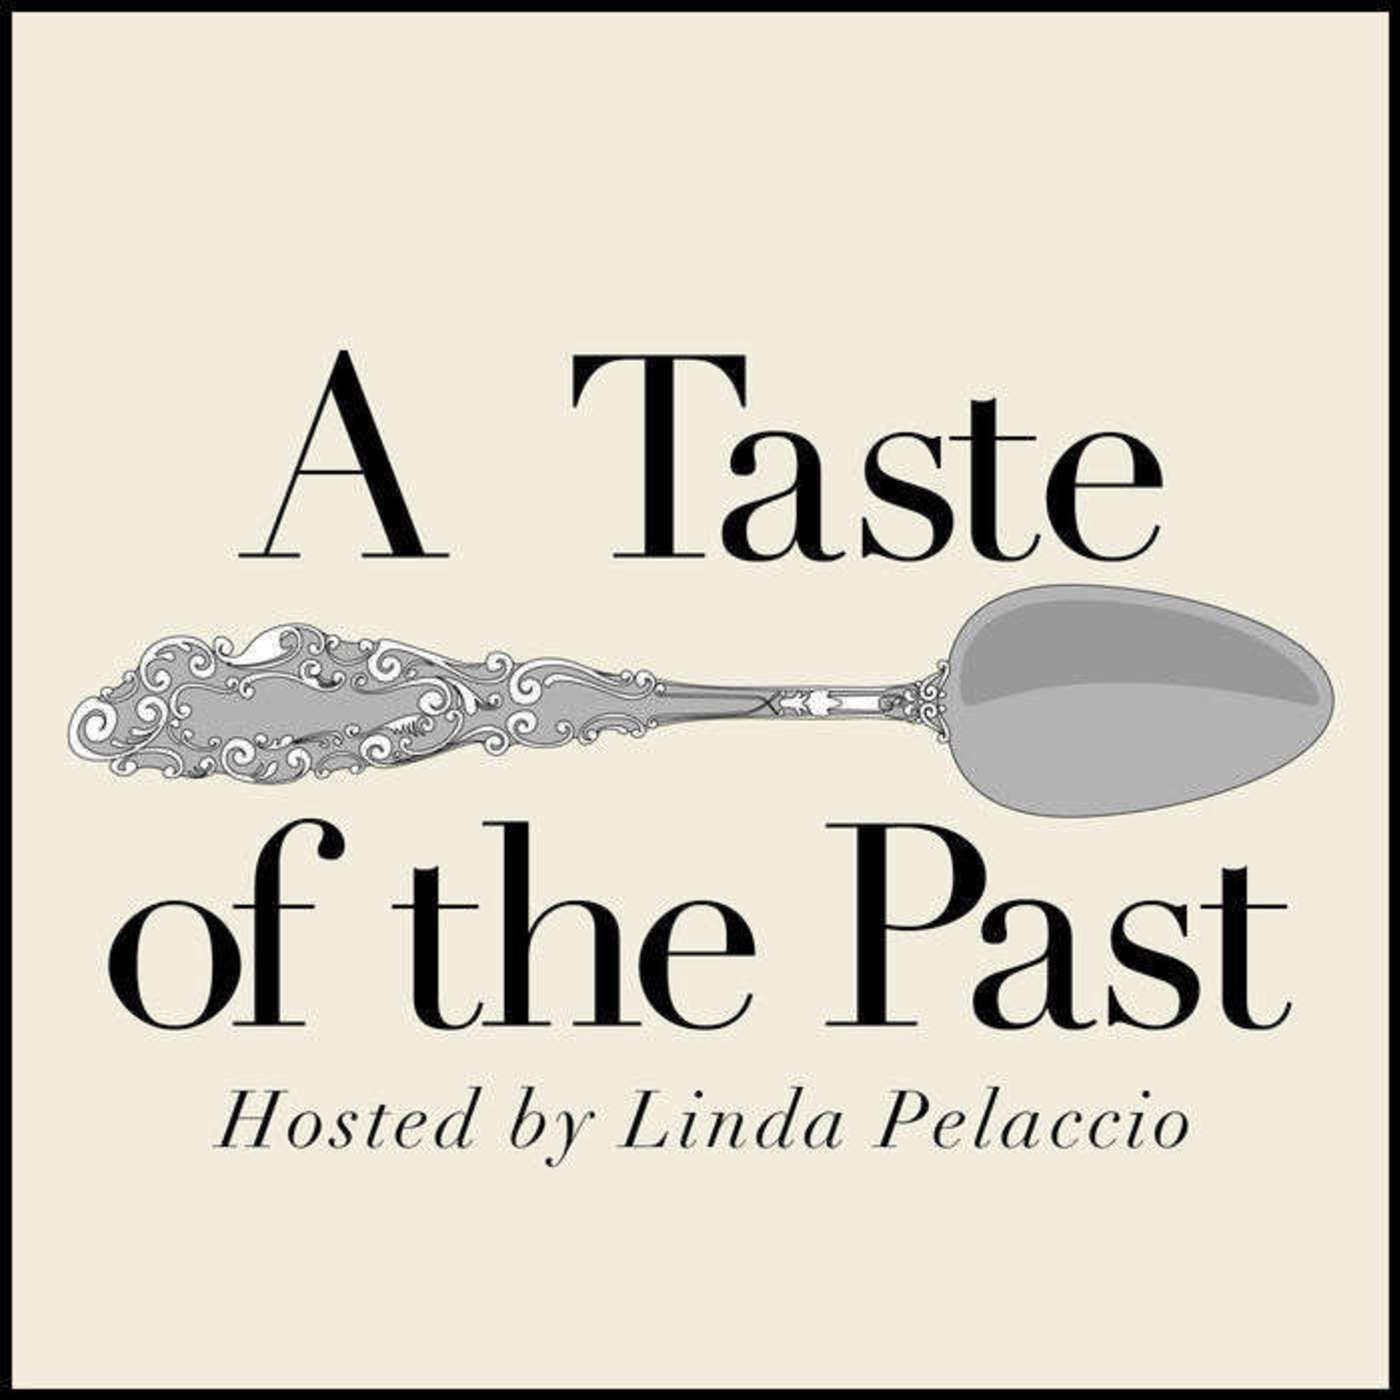 Episode 8: Italian Cuisine Traditions with Michele Scicolone